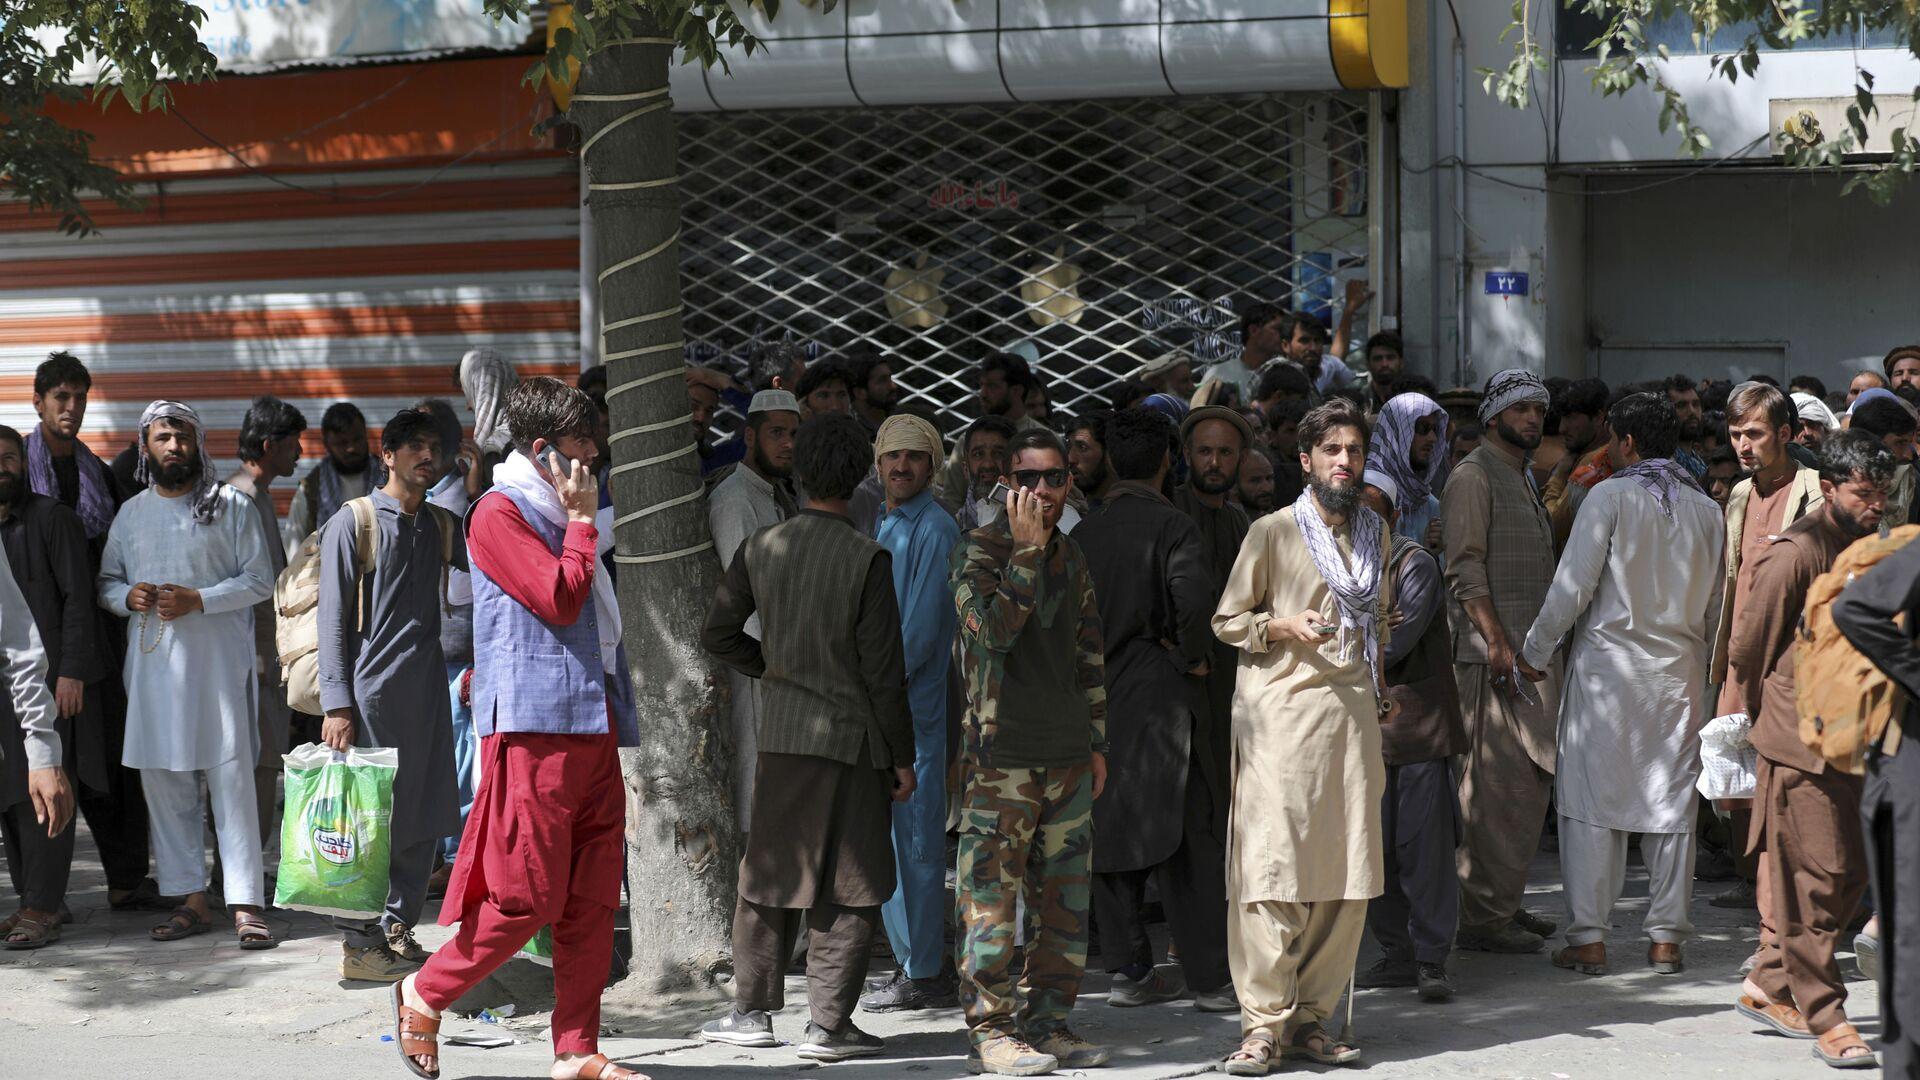 Афганцы в очереди в банк в Кабуле  - Sputnik Česká republika, 1920, 19.08.2021